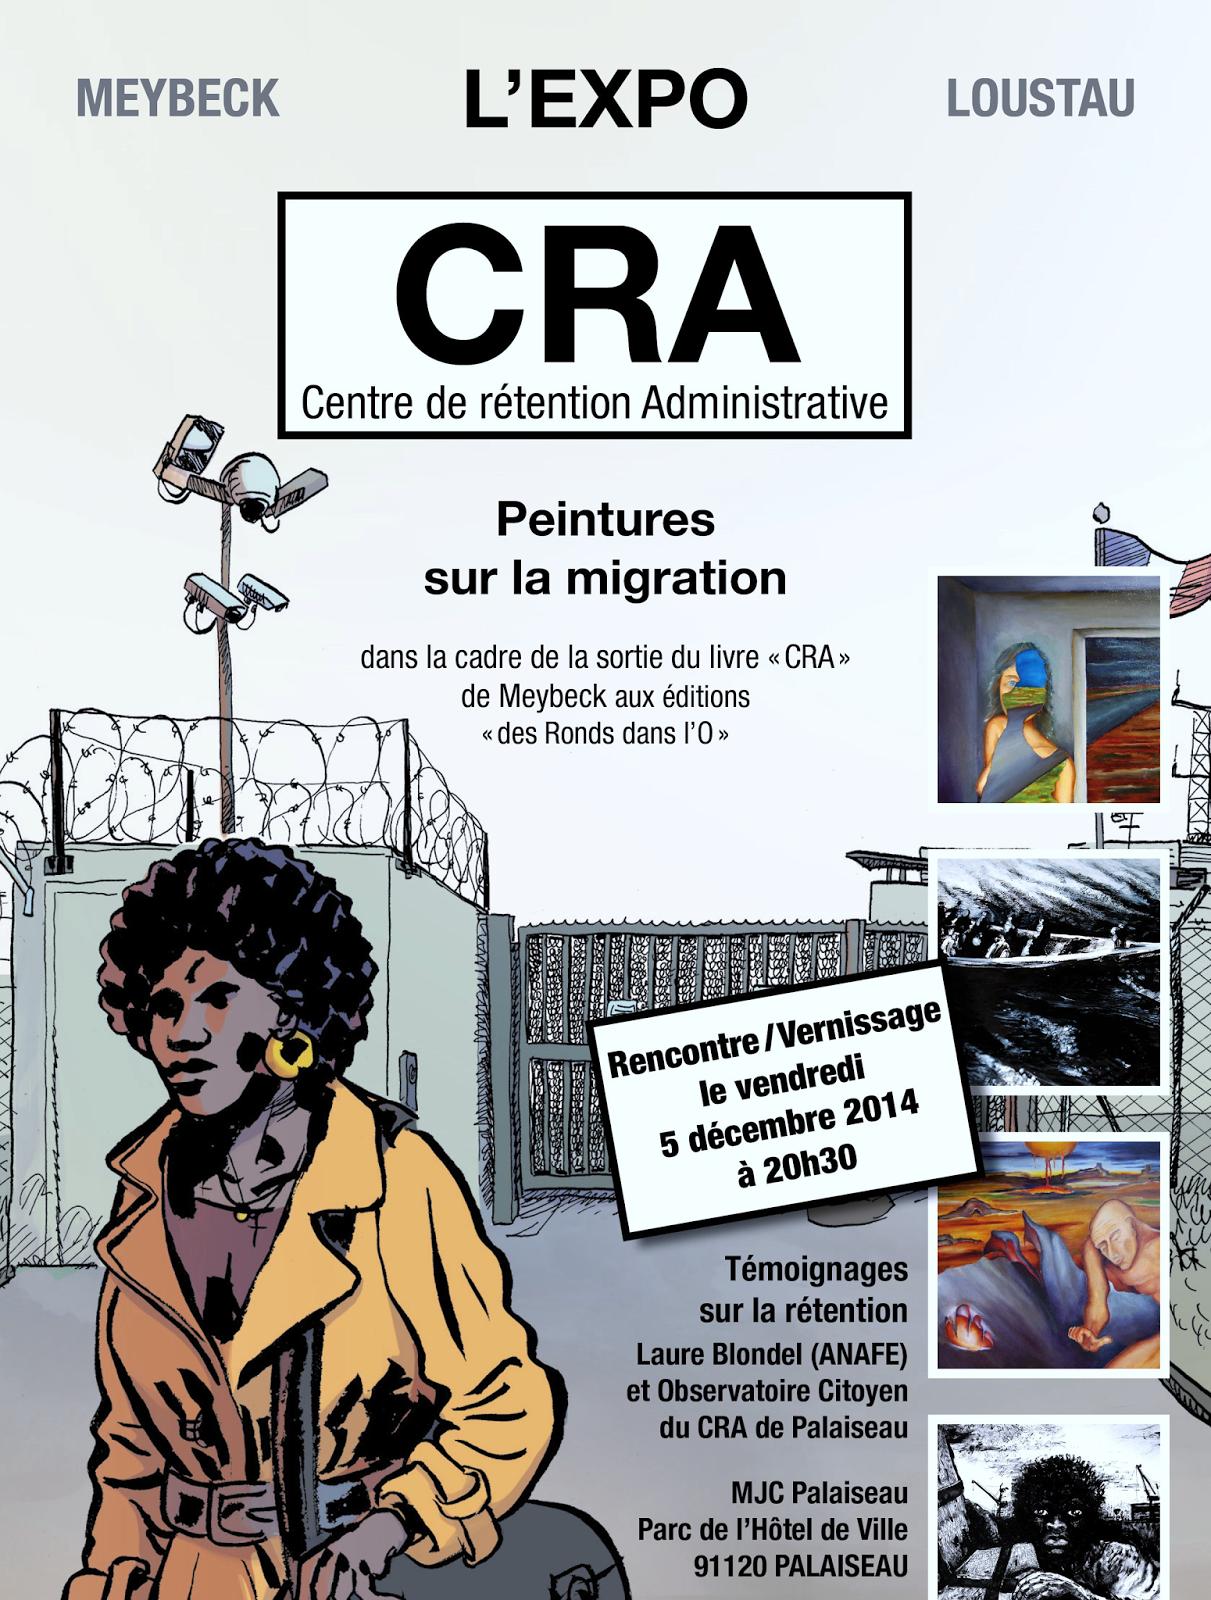 Rencontre signature vernissage d'exposition dans les MJC de Palaiseau et d'Igny (CRA, le blog de Jean-Benoît Meybeck)